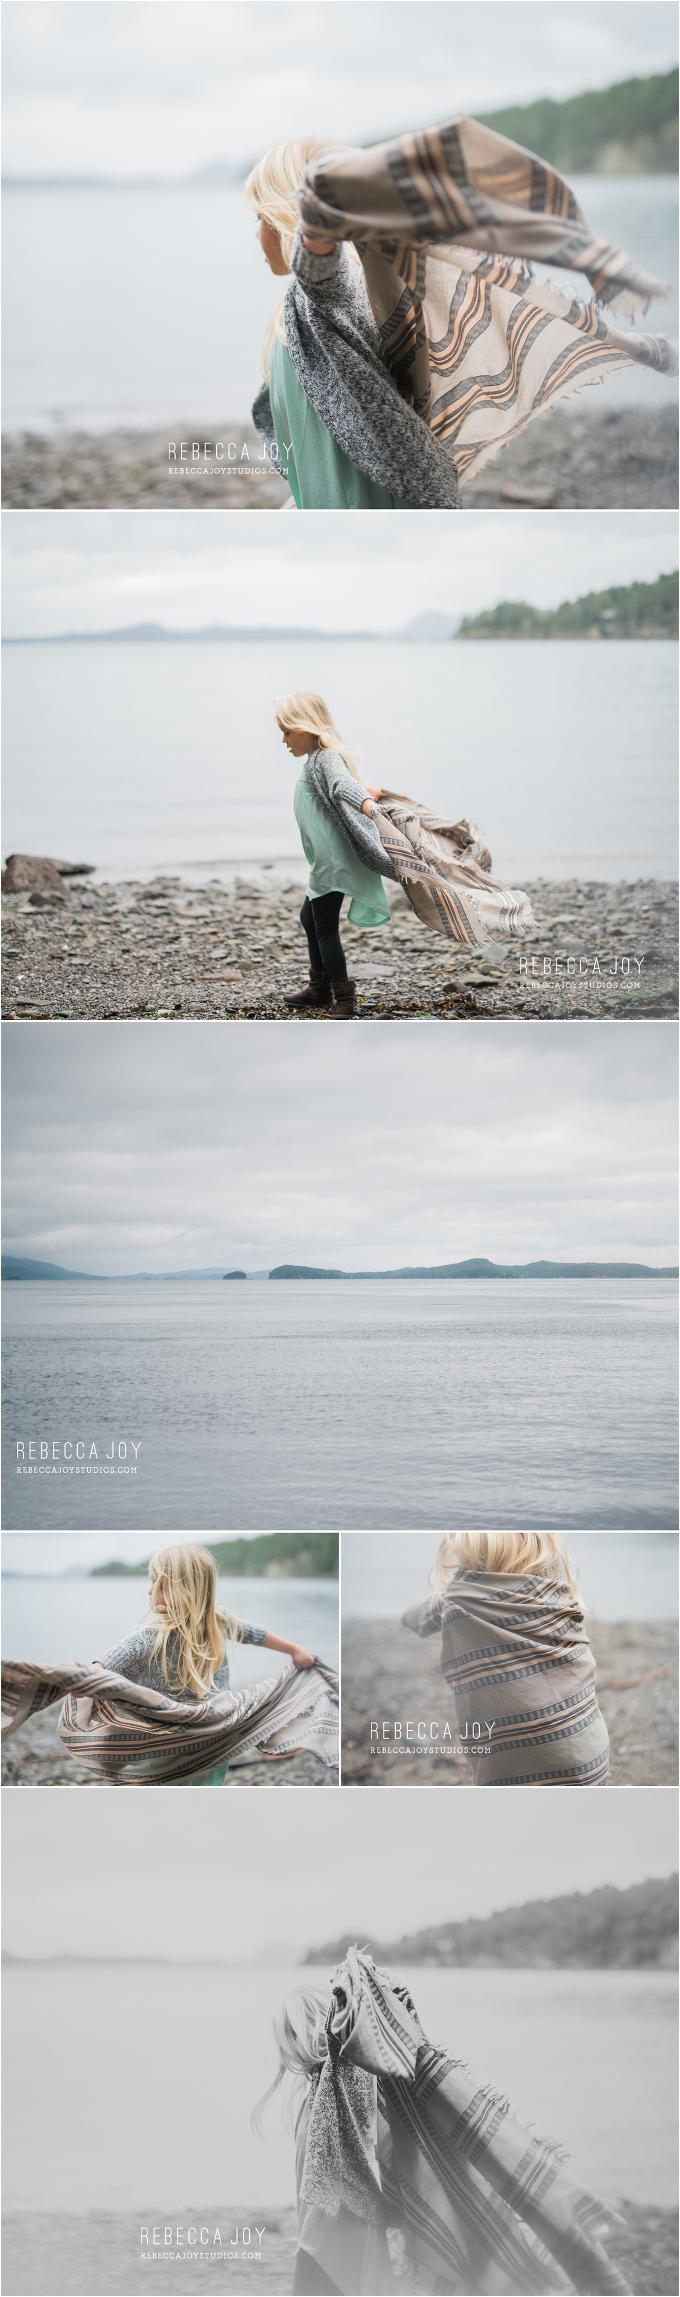 Vancouver Island Photographer | Rebecca Joy Studios